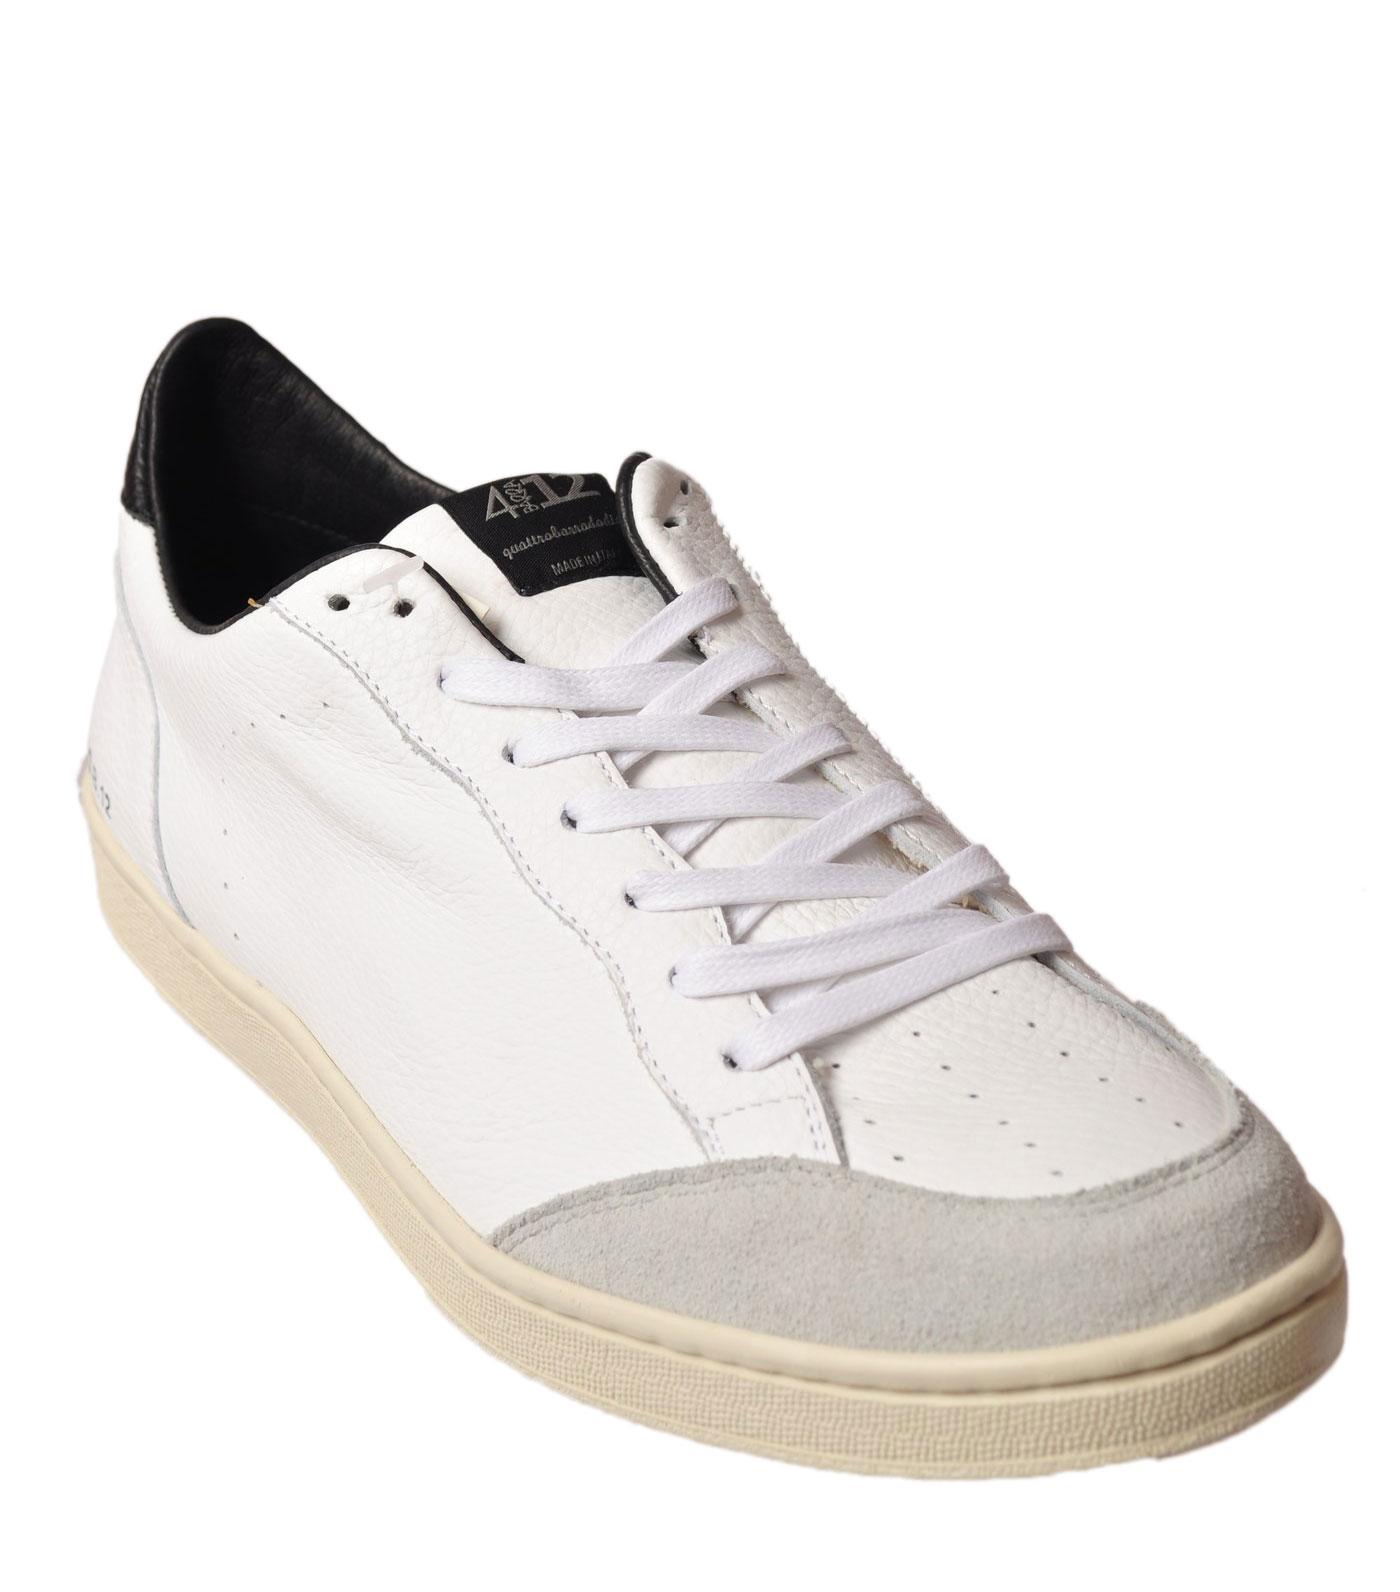 Quattrobarradodici - scarpe-scarpe da ginnastica low - Man - bianca - 49715N184233